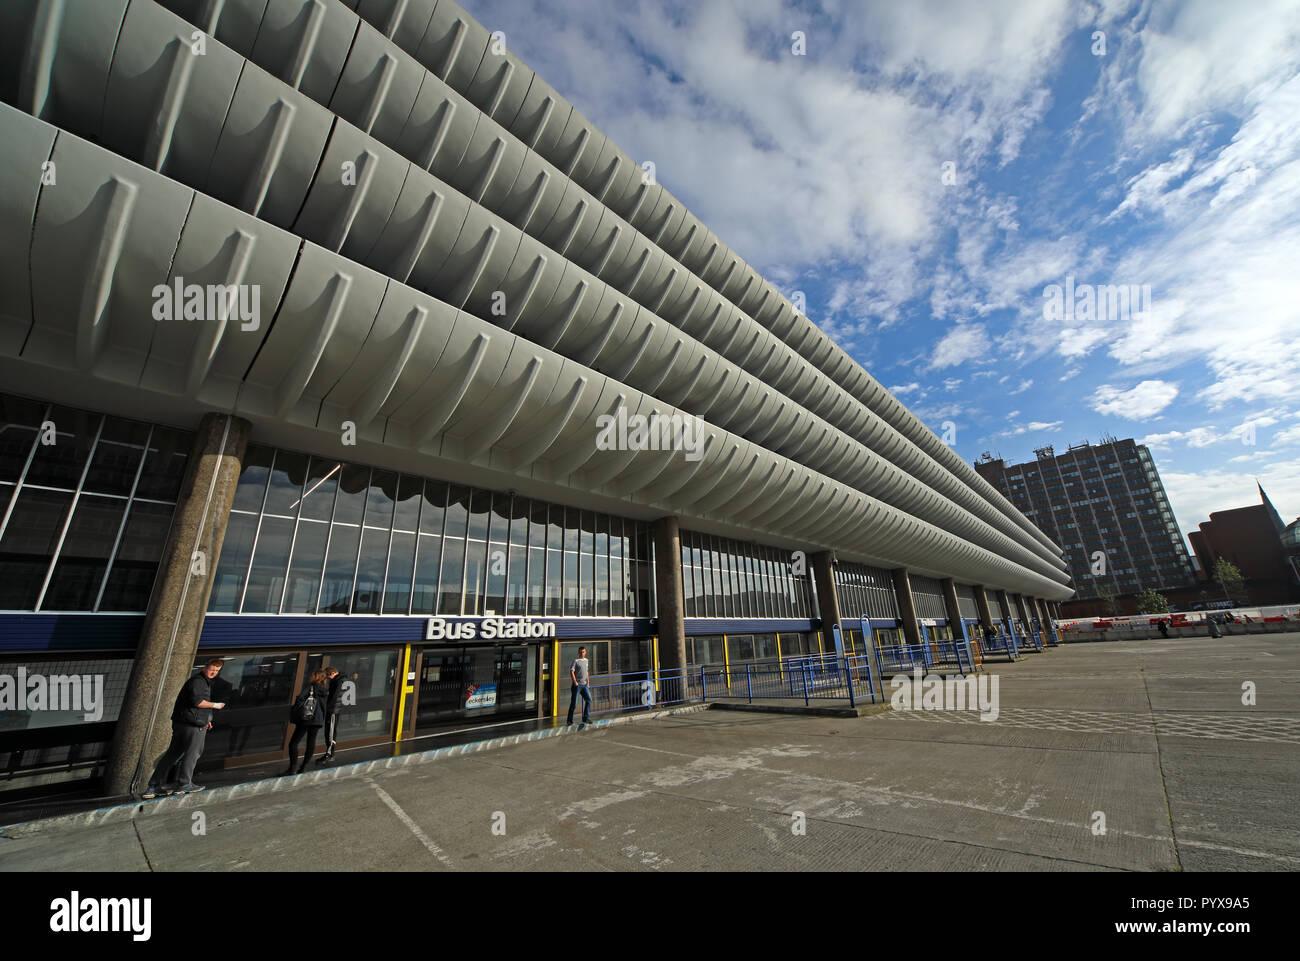 Laden Sie dieses Alamy Stockfoto Preston Busbahnhof, Brutalist architektonischen Stil, Tithebarn Straße, Preston, Lancashire, North West England, Großbritannien - PYX9A5